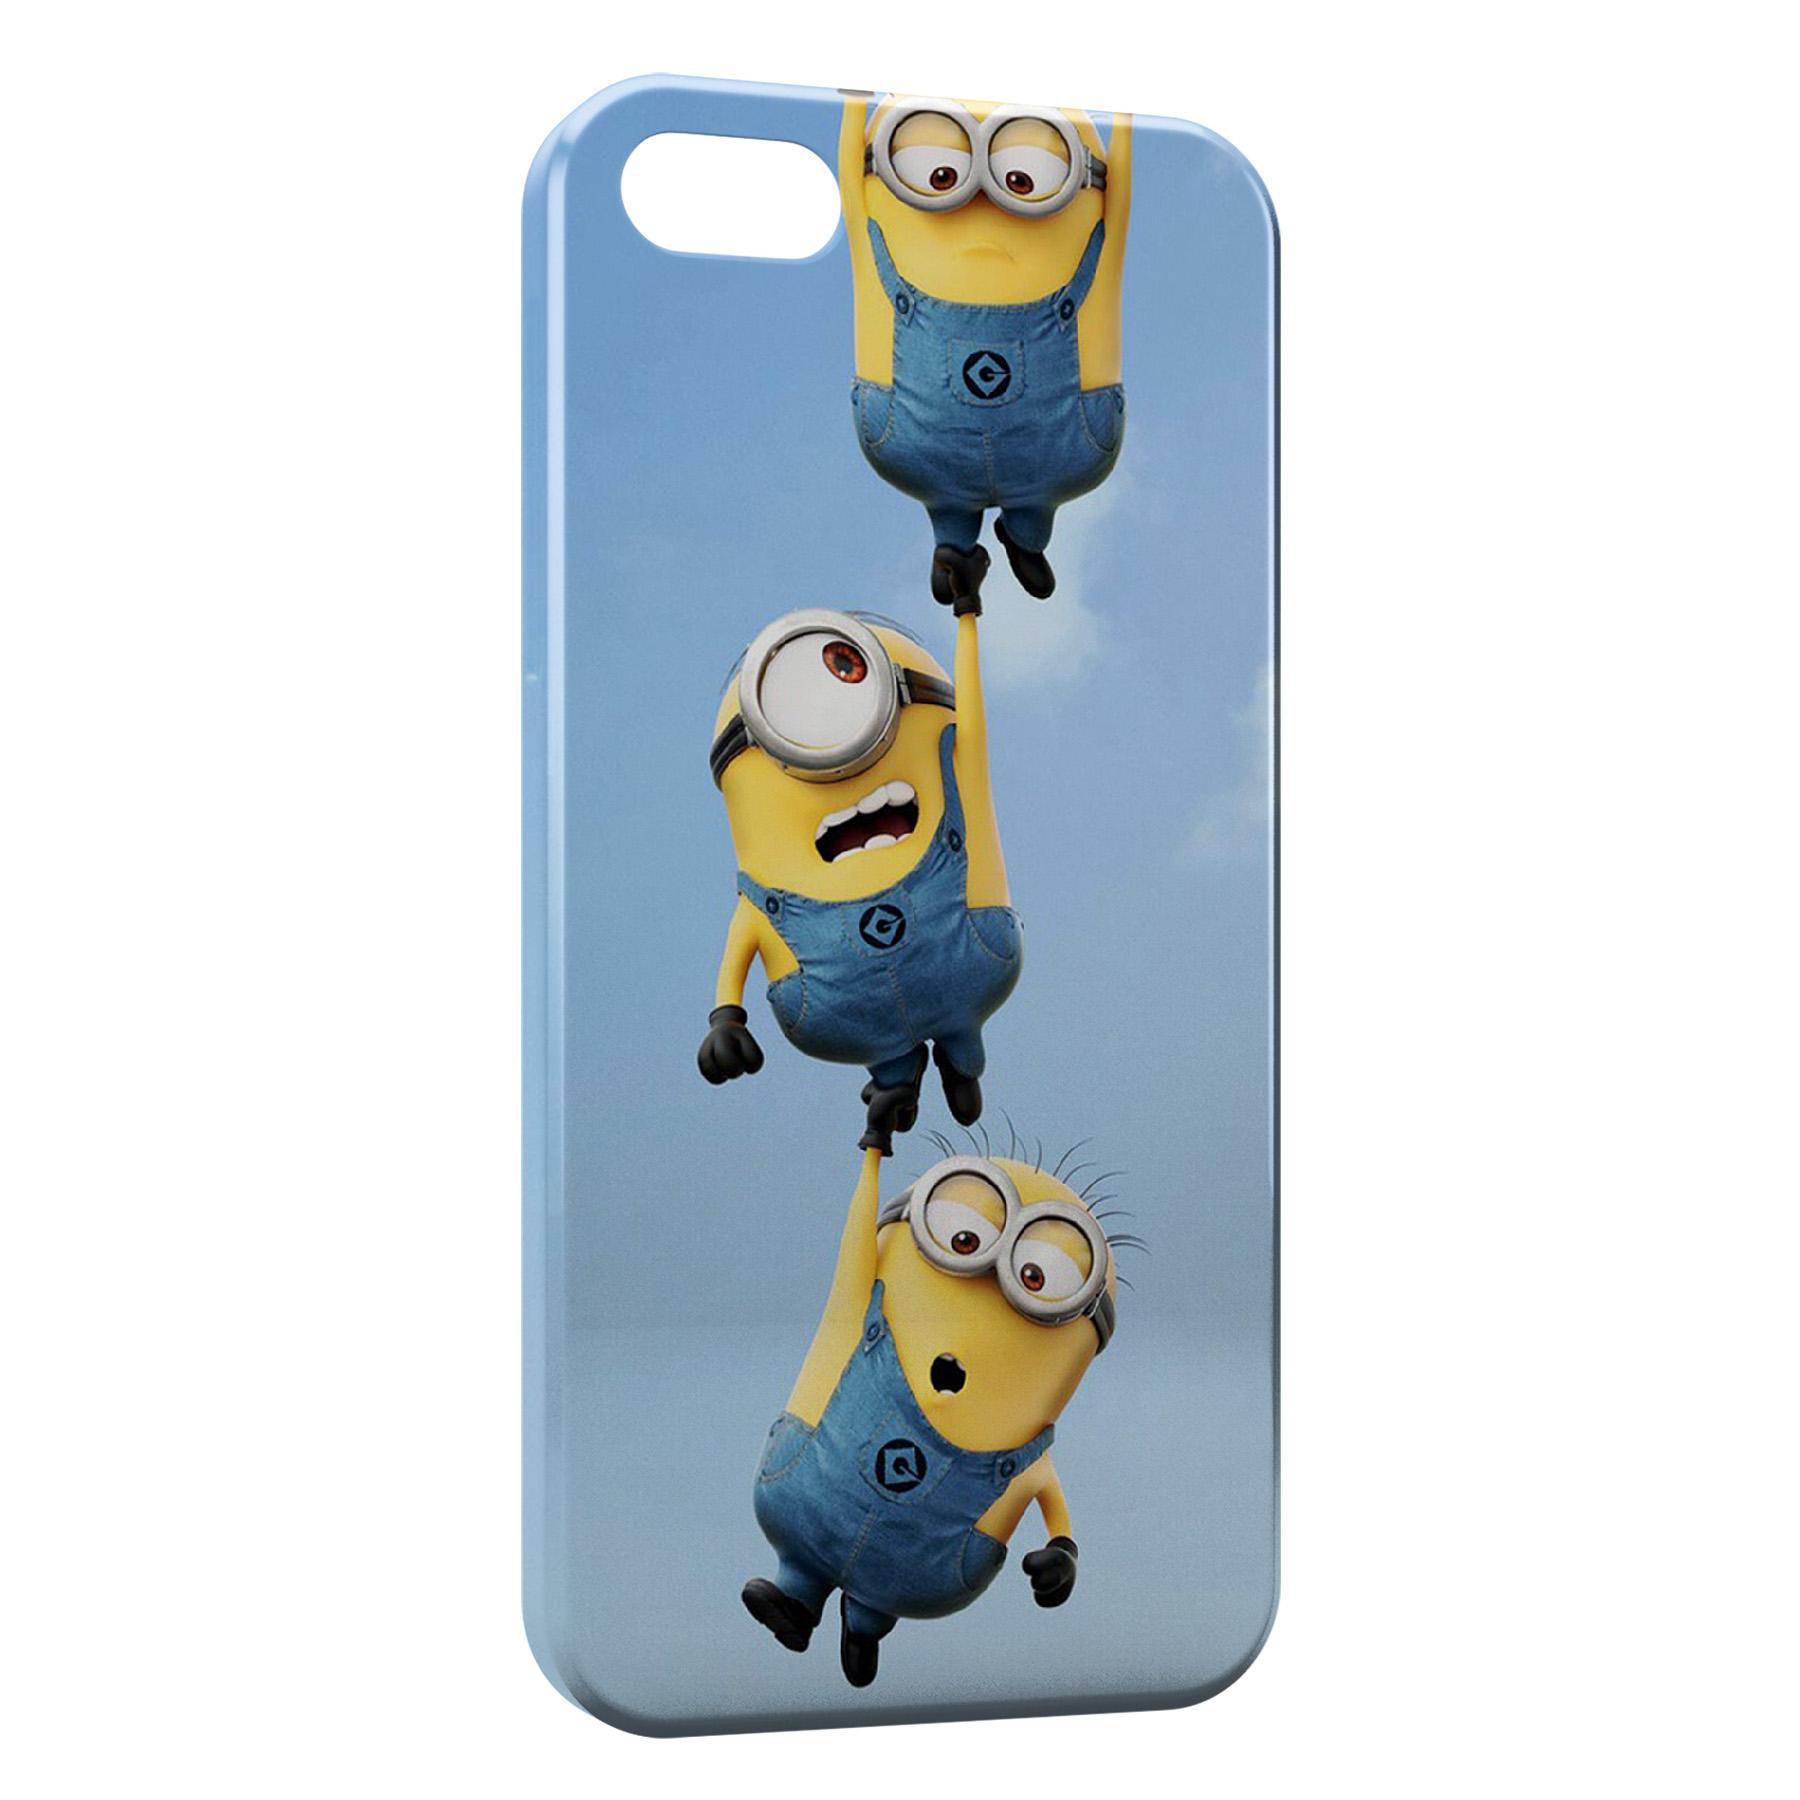 Coque iPhone 5C Minion 3